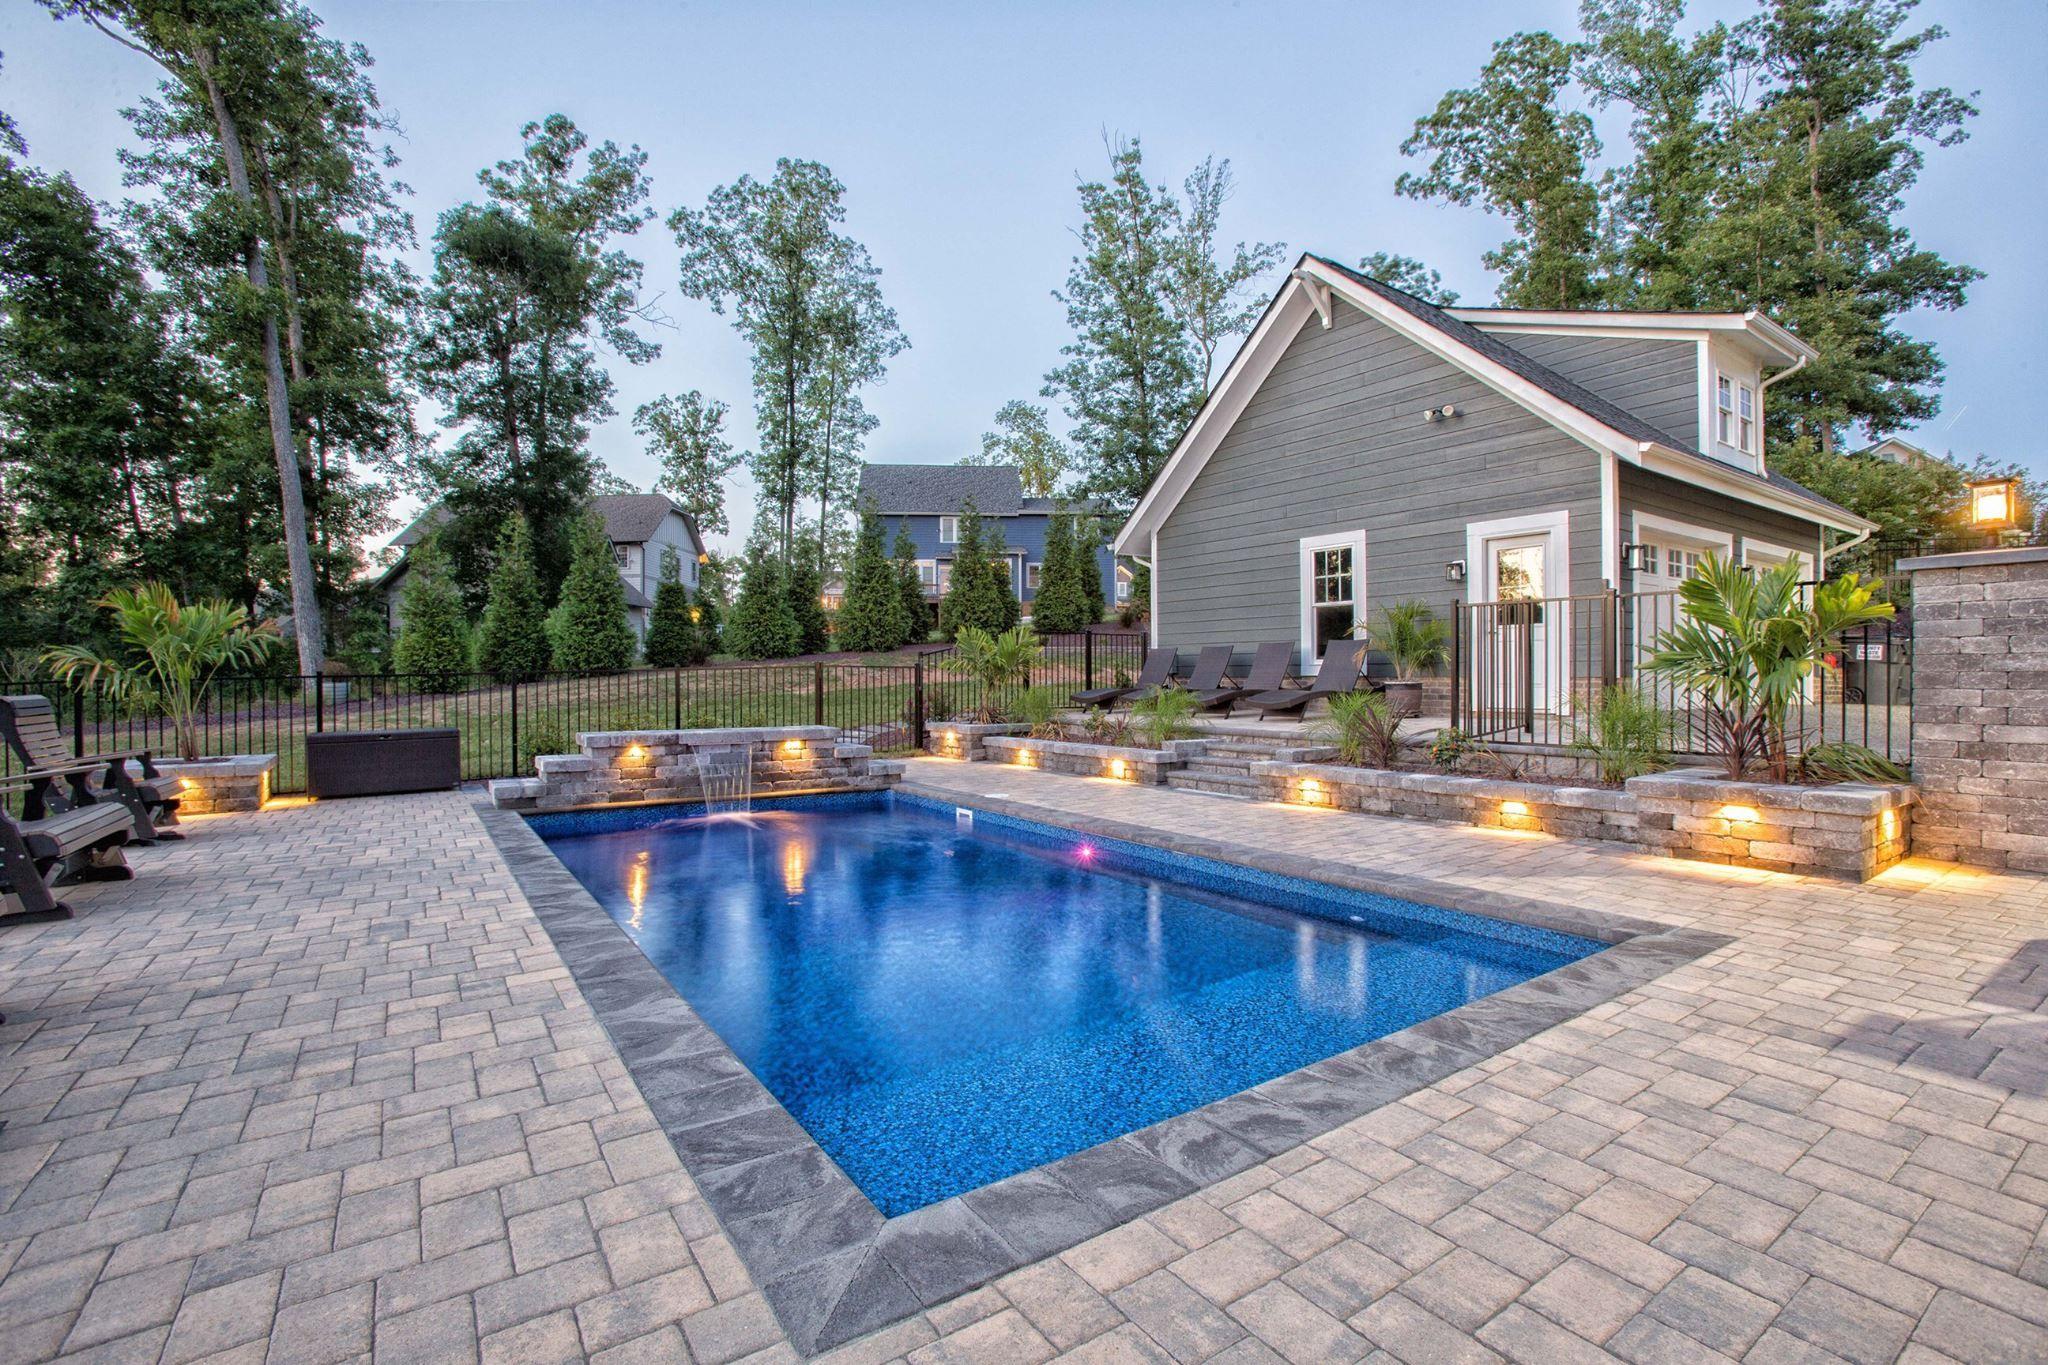 House Pools, Porches, Verandas, Porticos, Front Porches, Front Yards, Terraces,